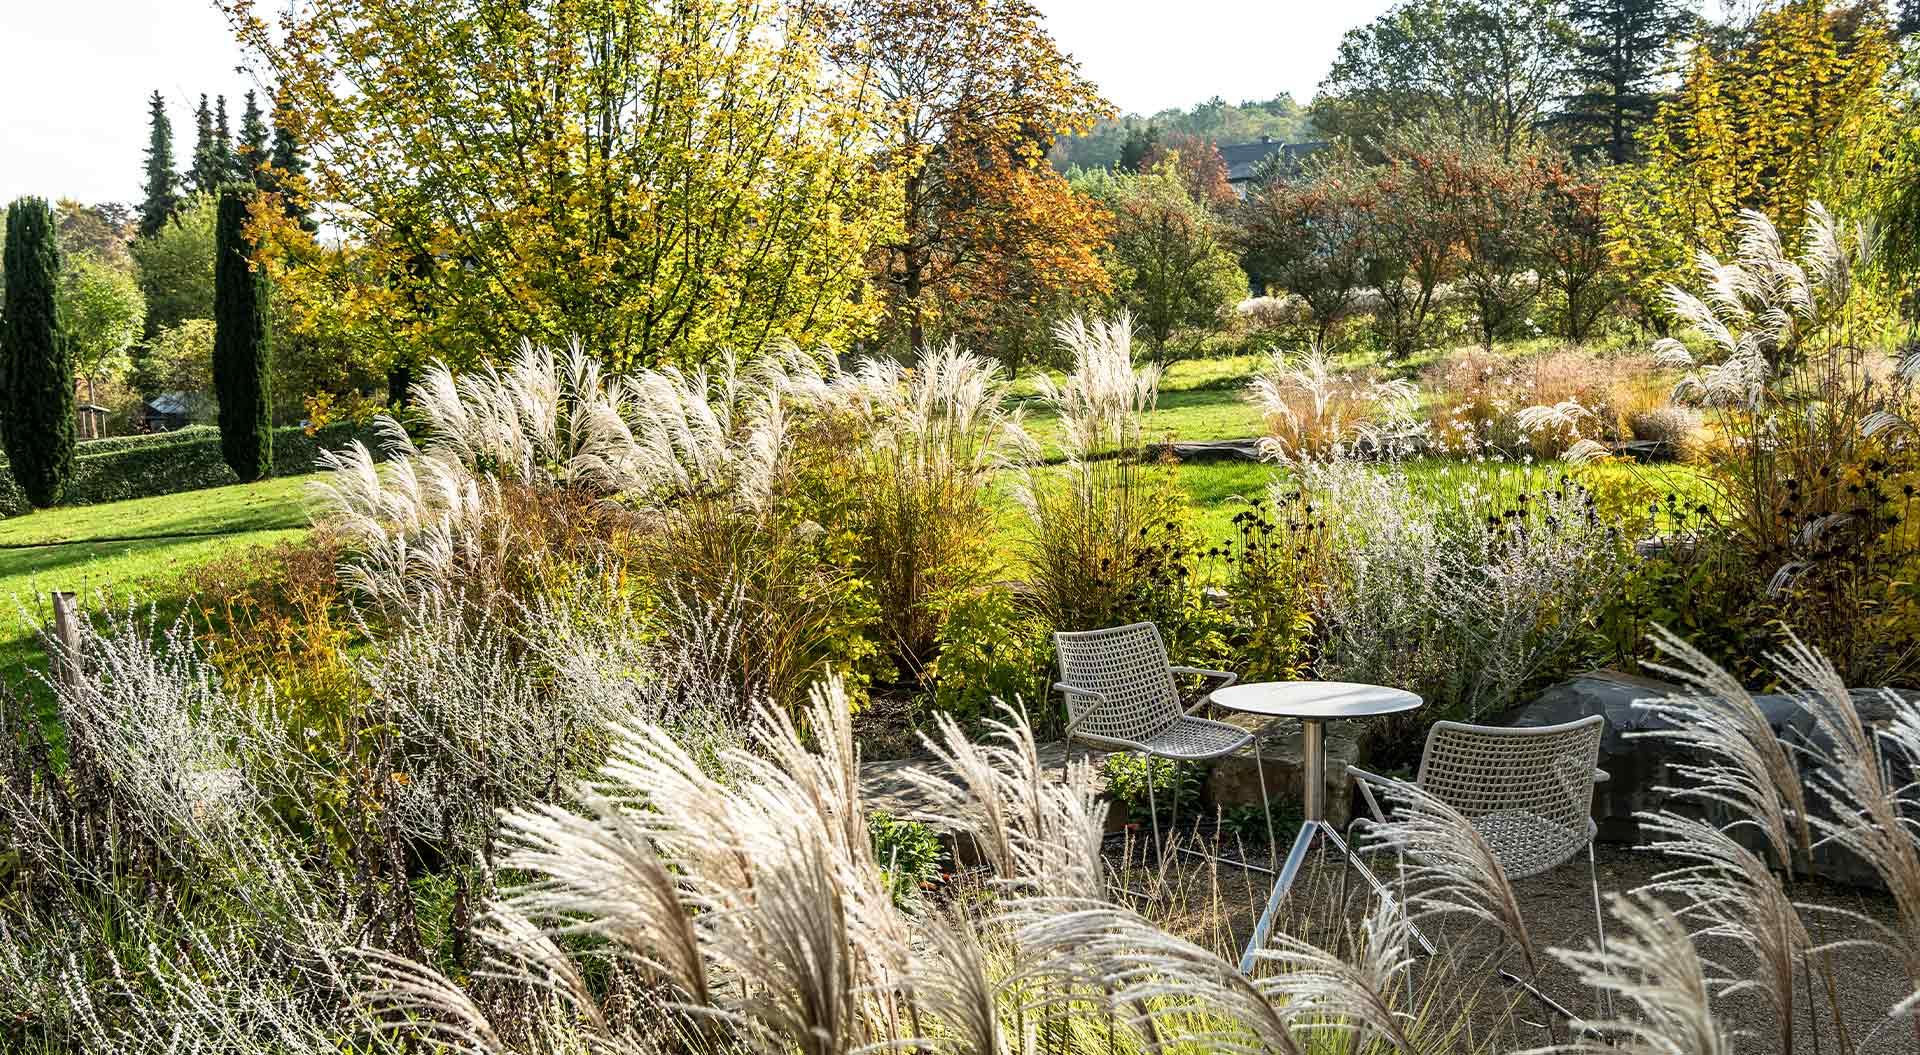 Monastery garden lovingly designed by Peter Berg